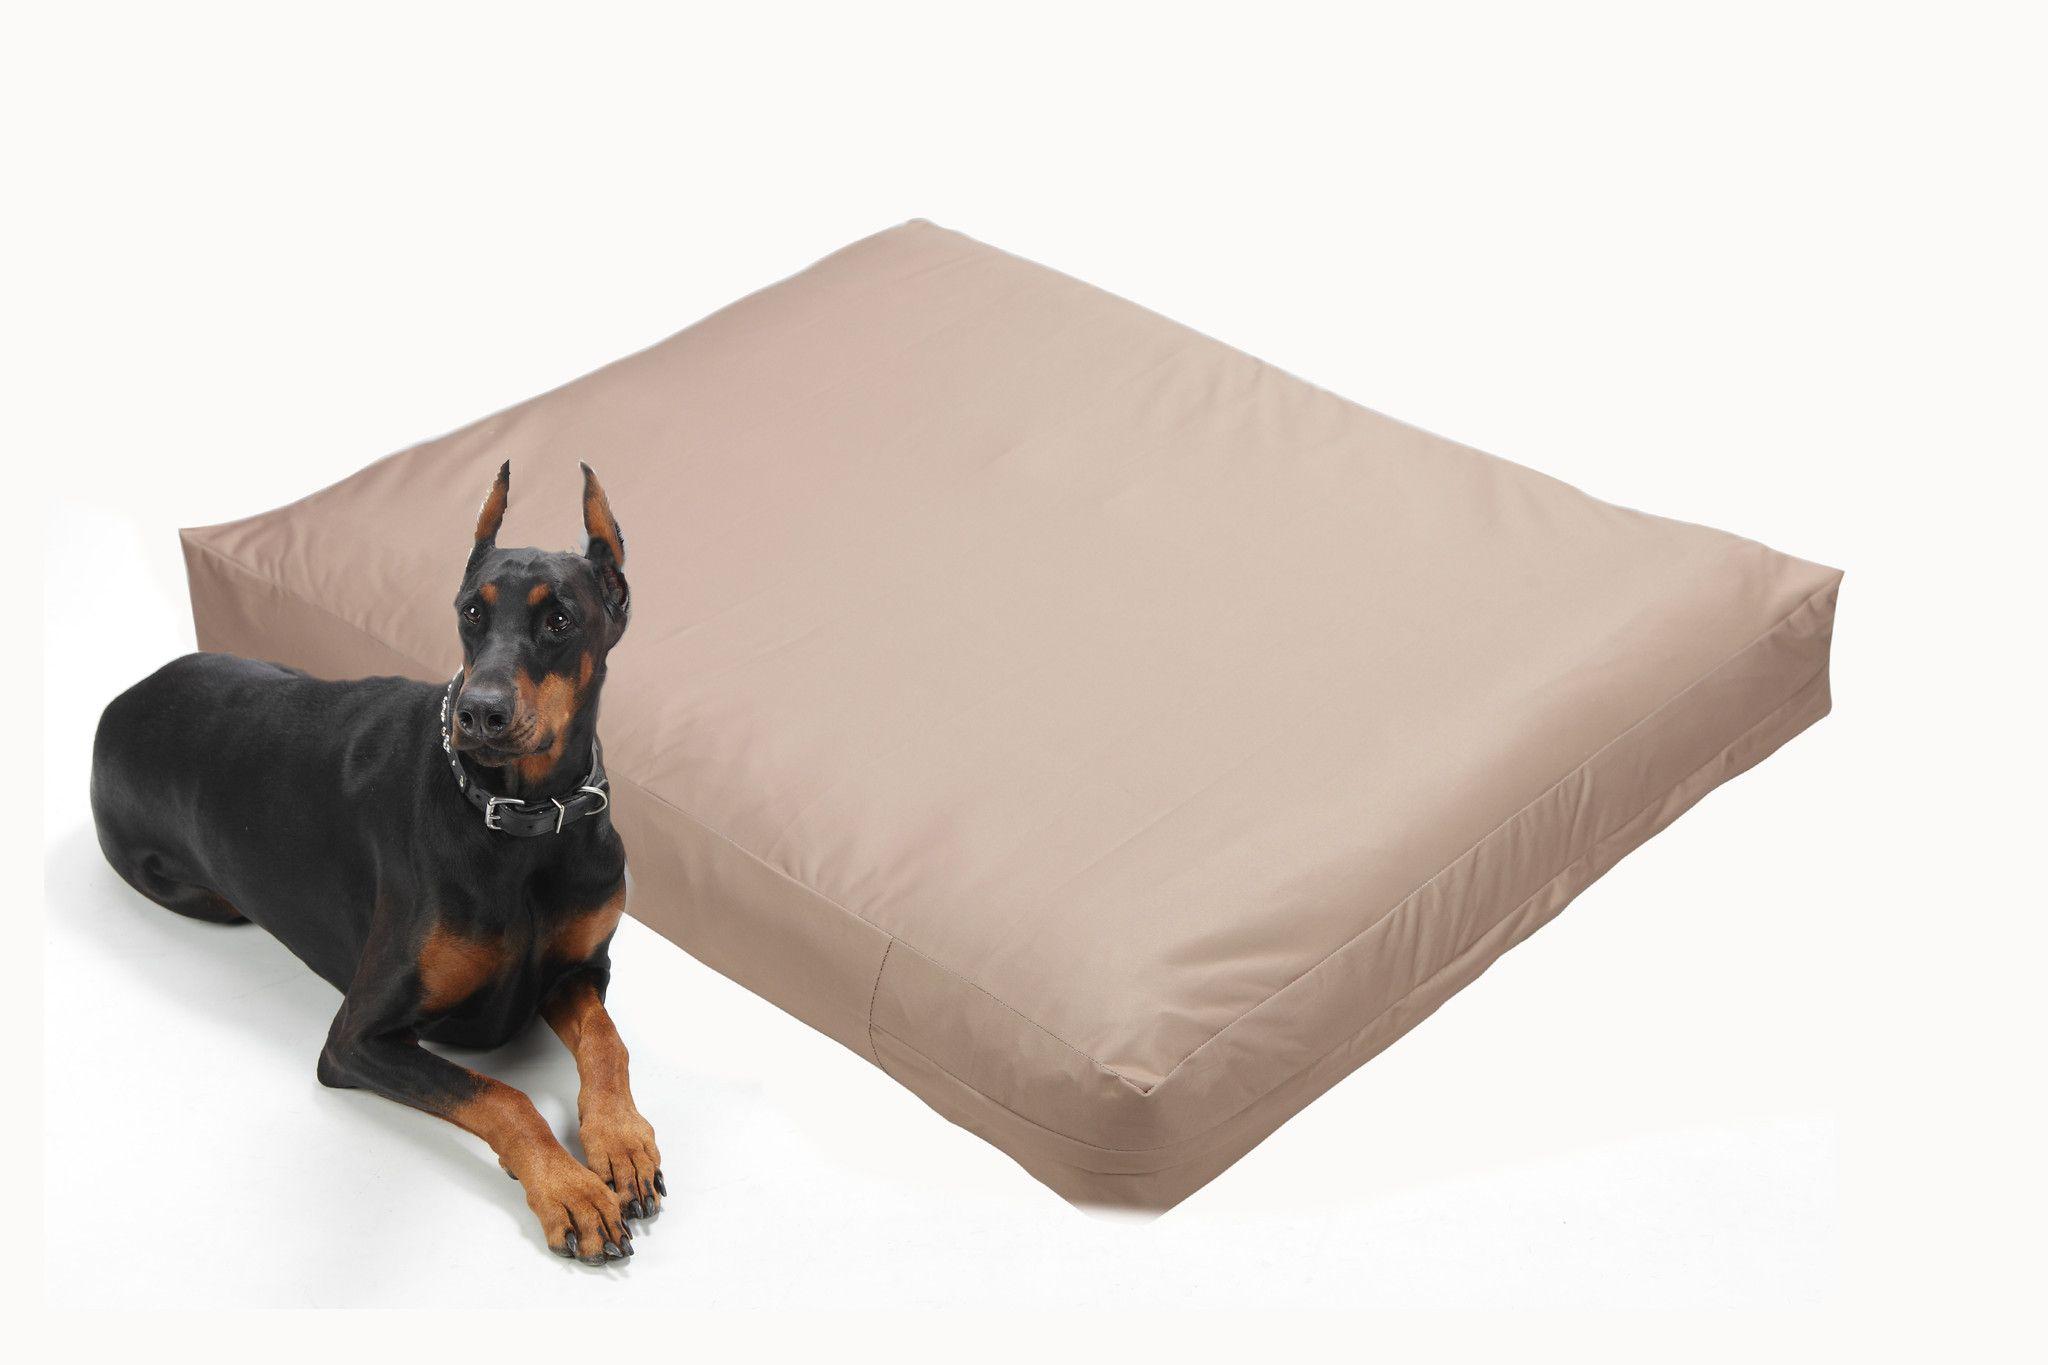 4Knines Premium Waterproof Dog Bed Liner Dog bed